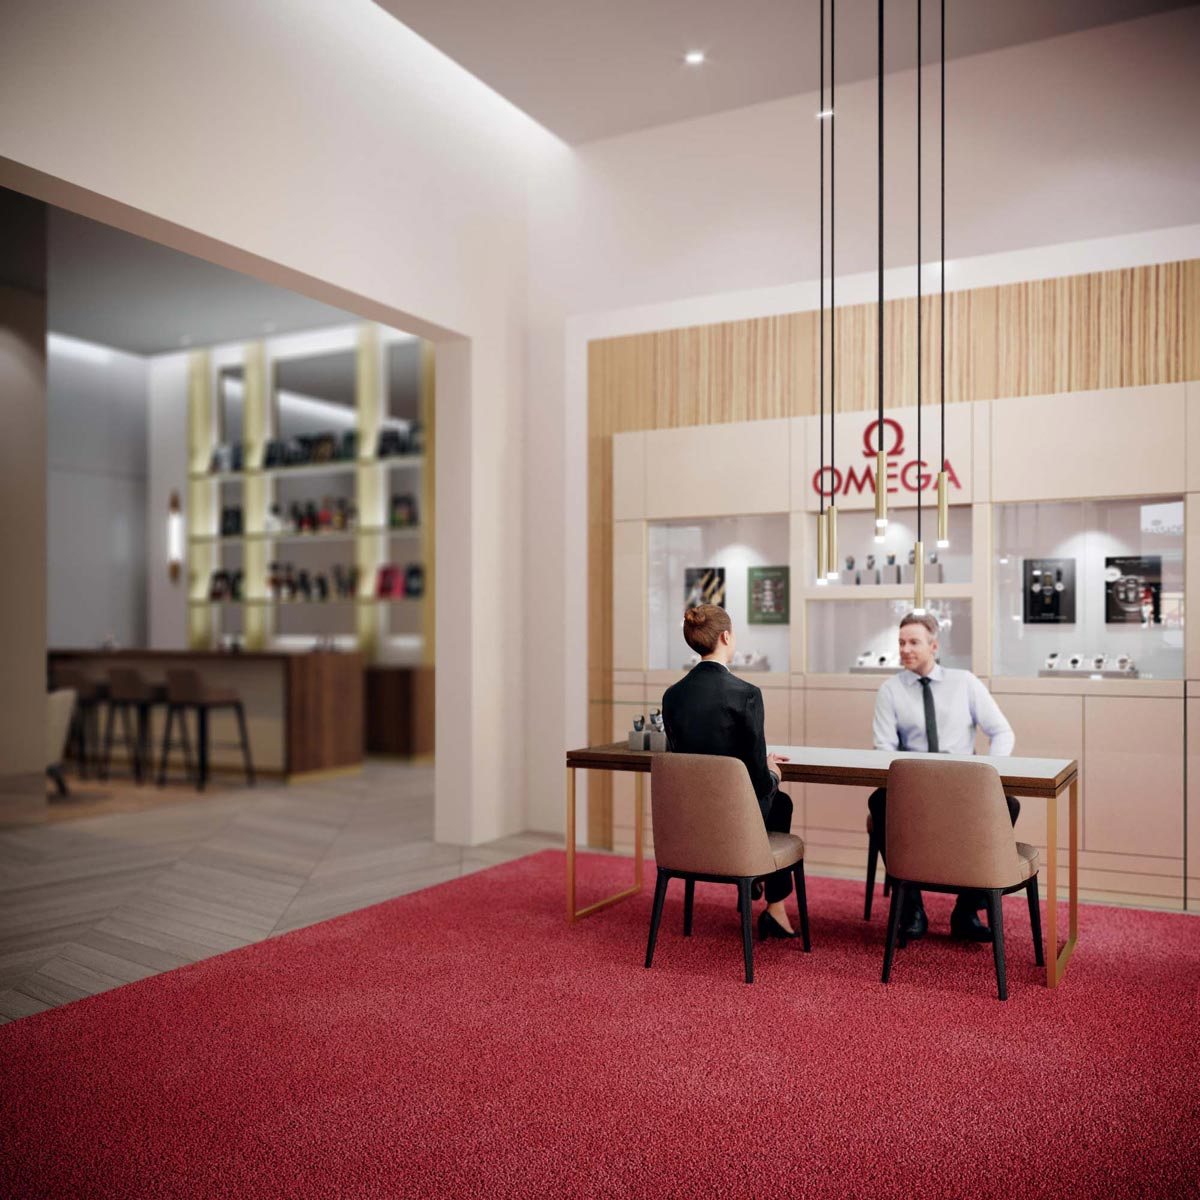 La Cote des Montres : Photo - Les Ambassadeurs suisses deviennent luxembourgeois